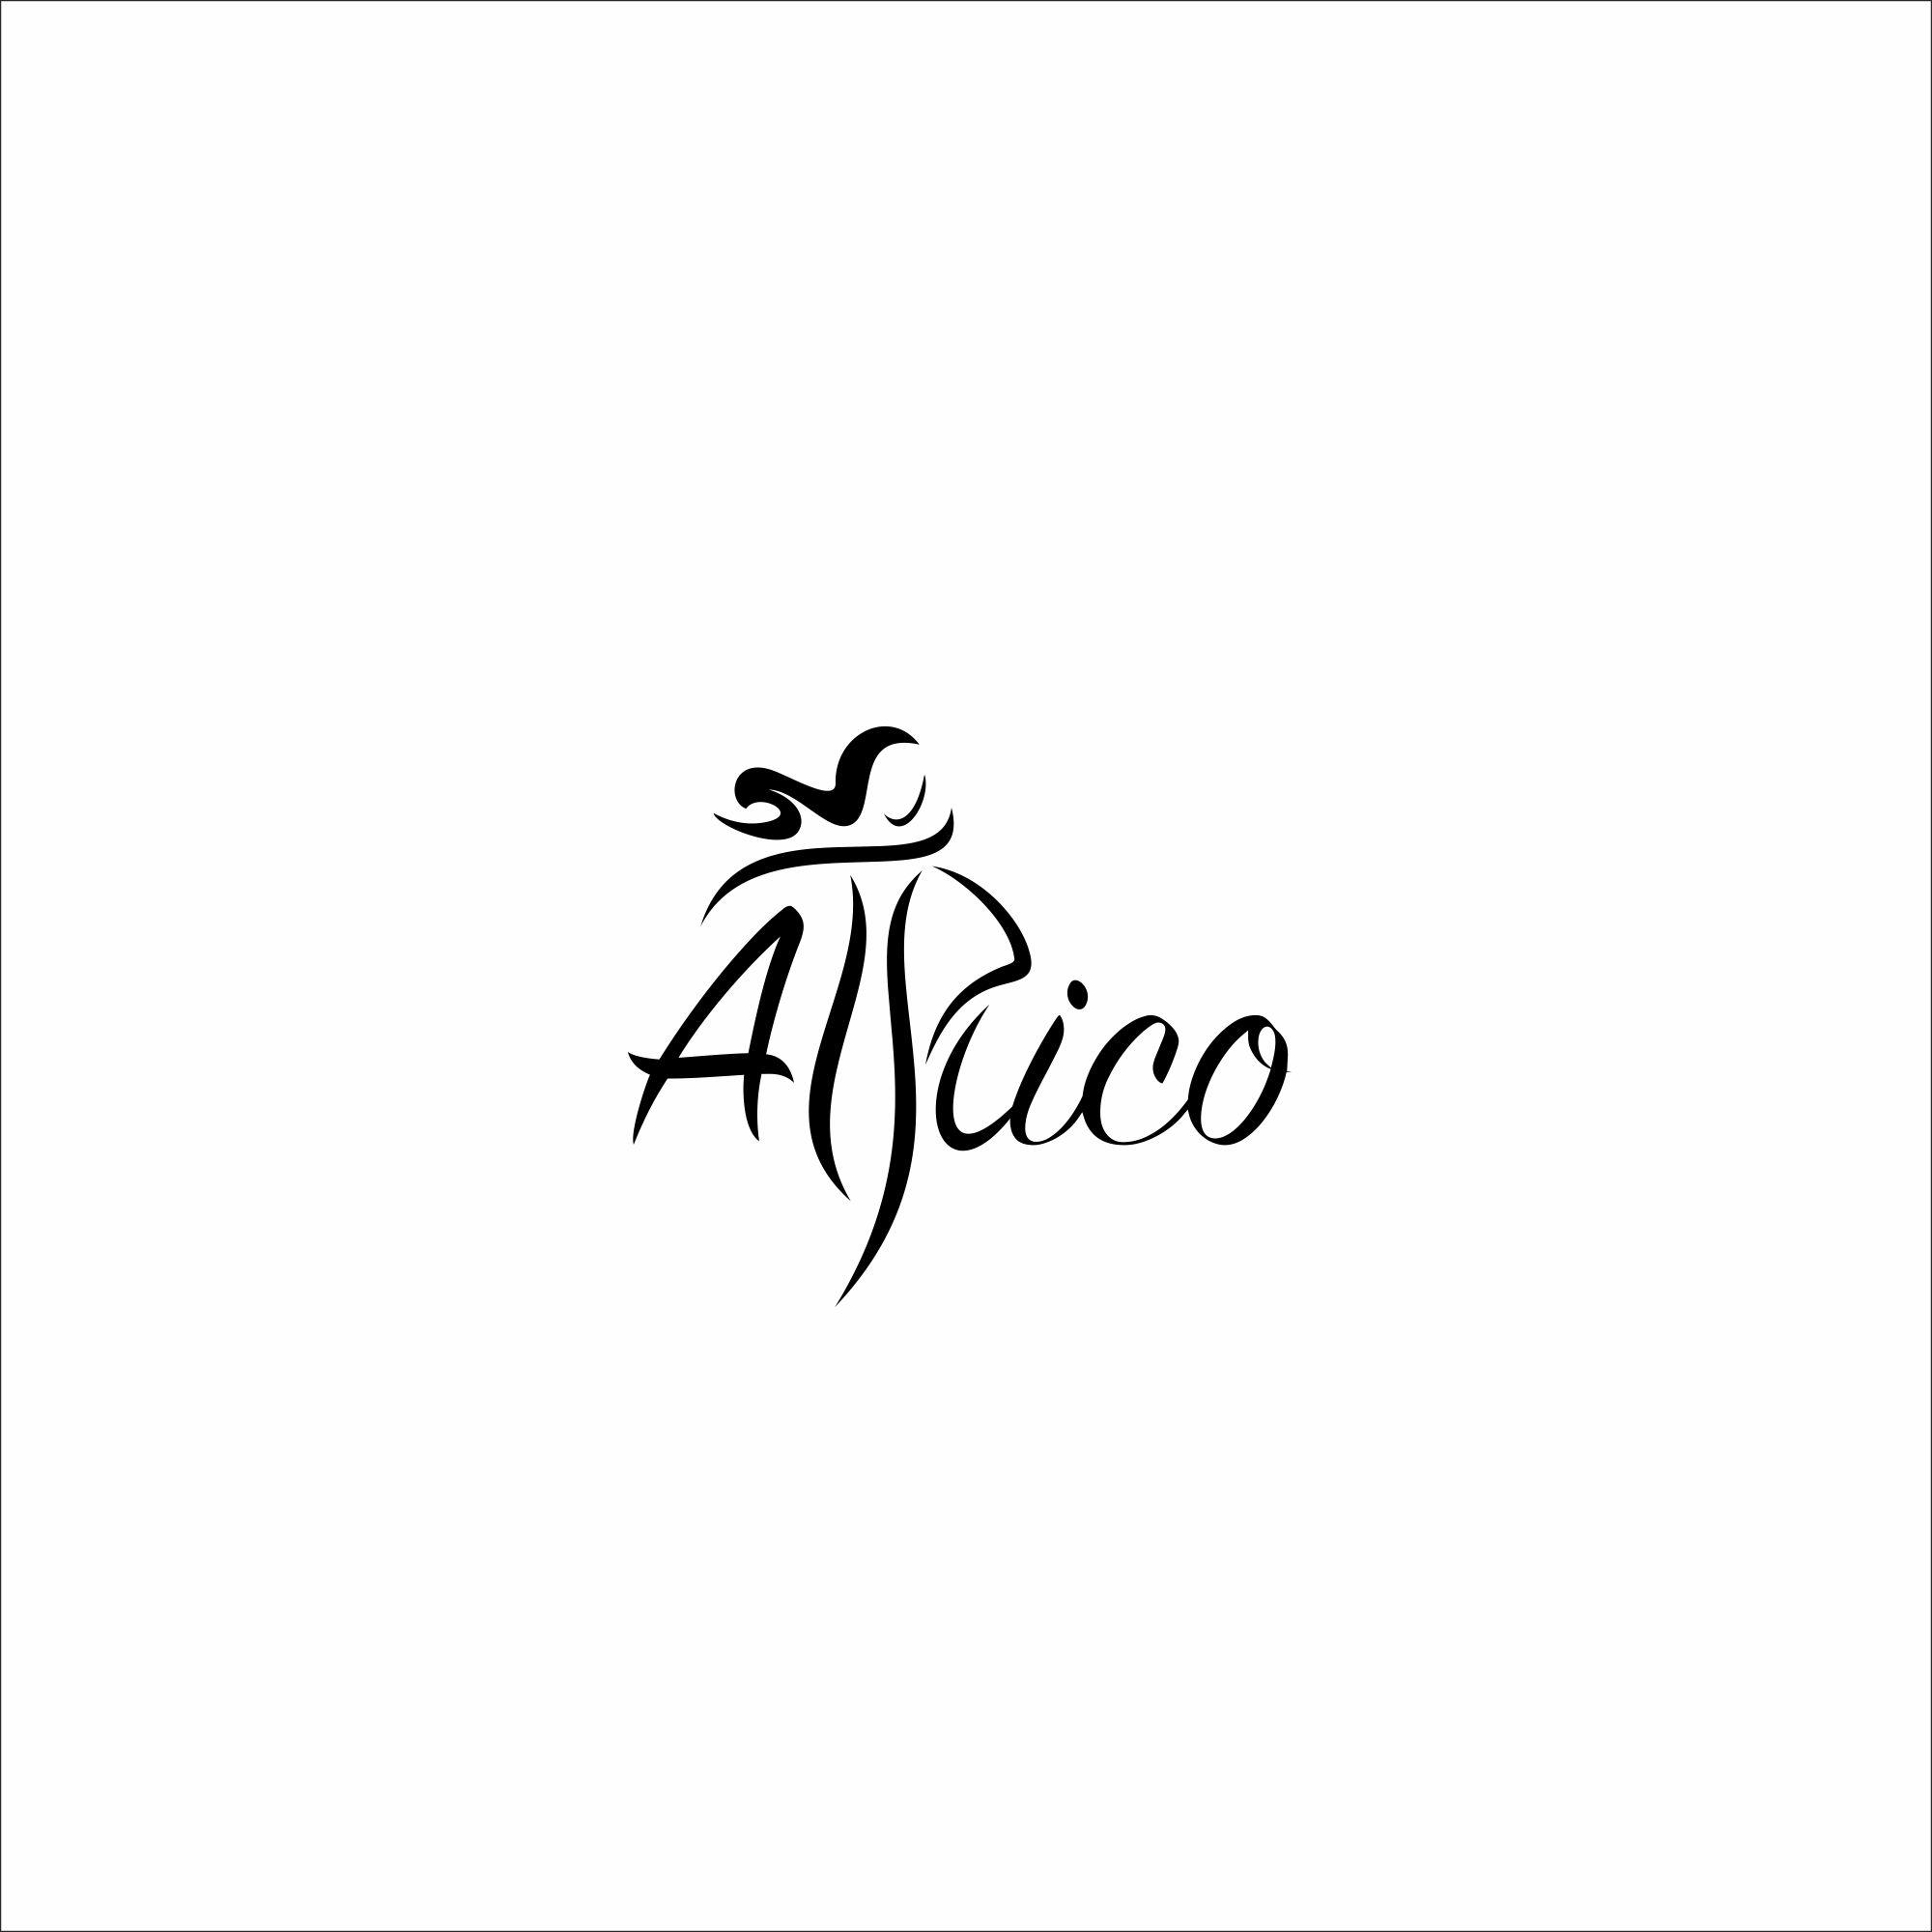 Логотип для брендовой пряжи и трикотажной одежды фото f_9006000935dc1732.jpg